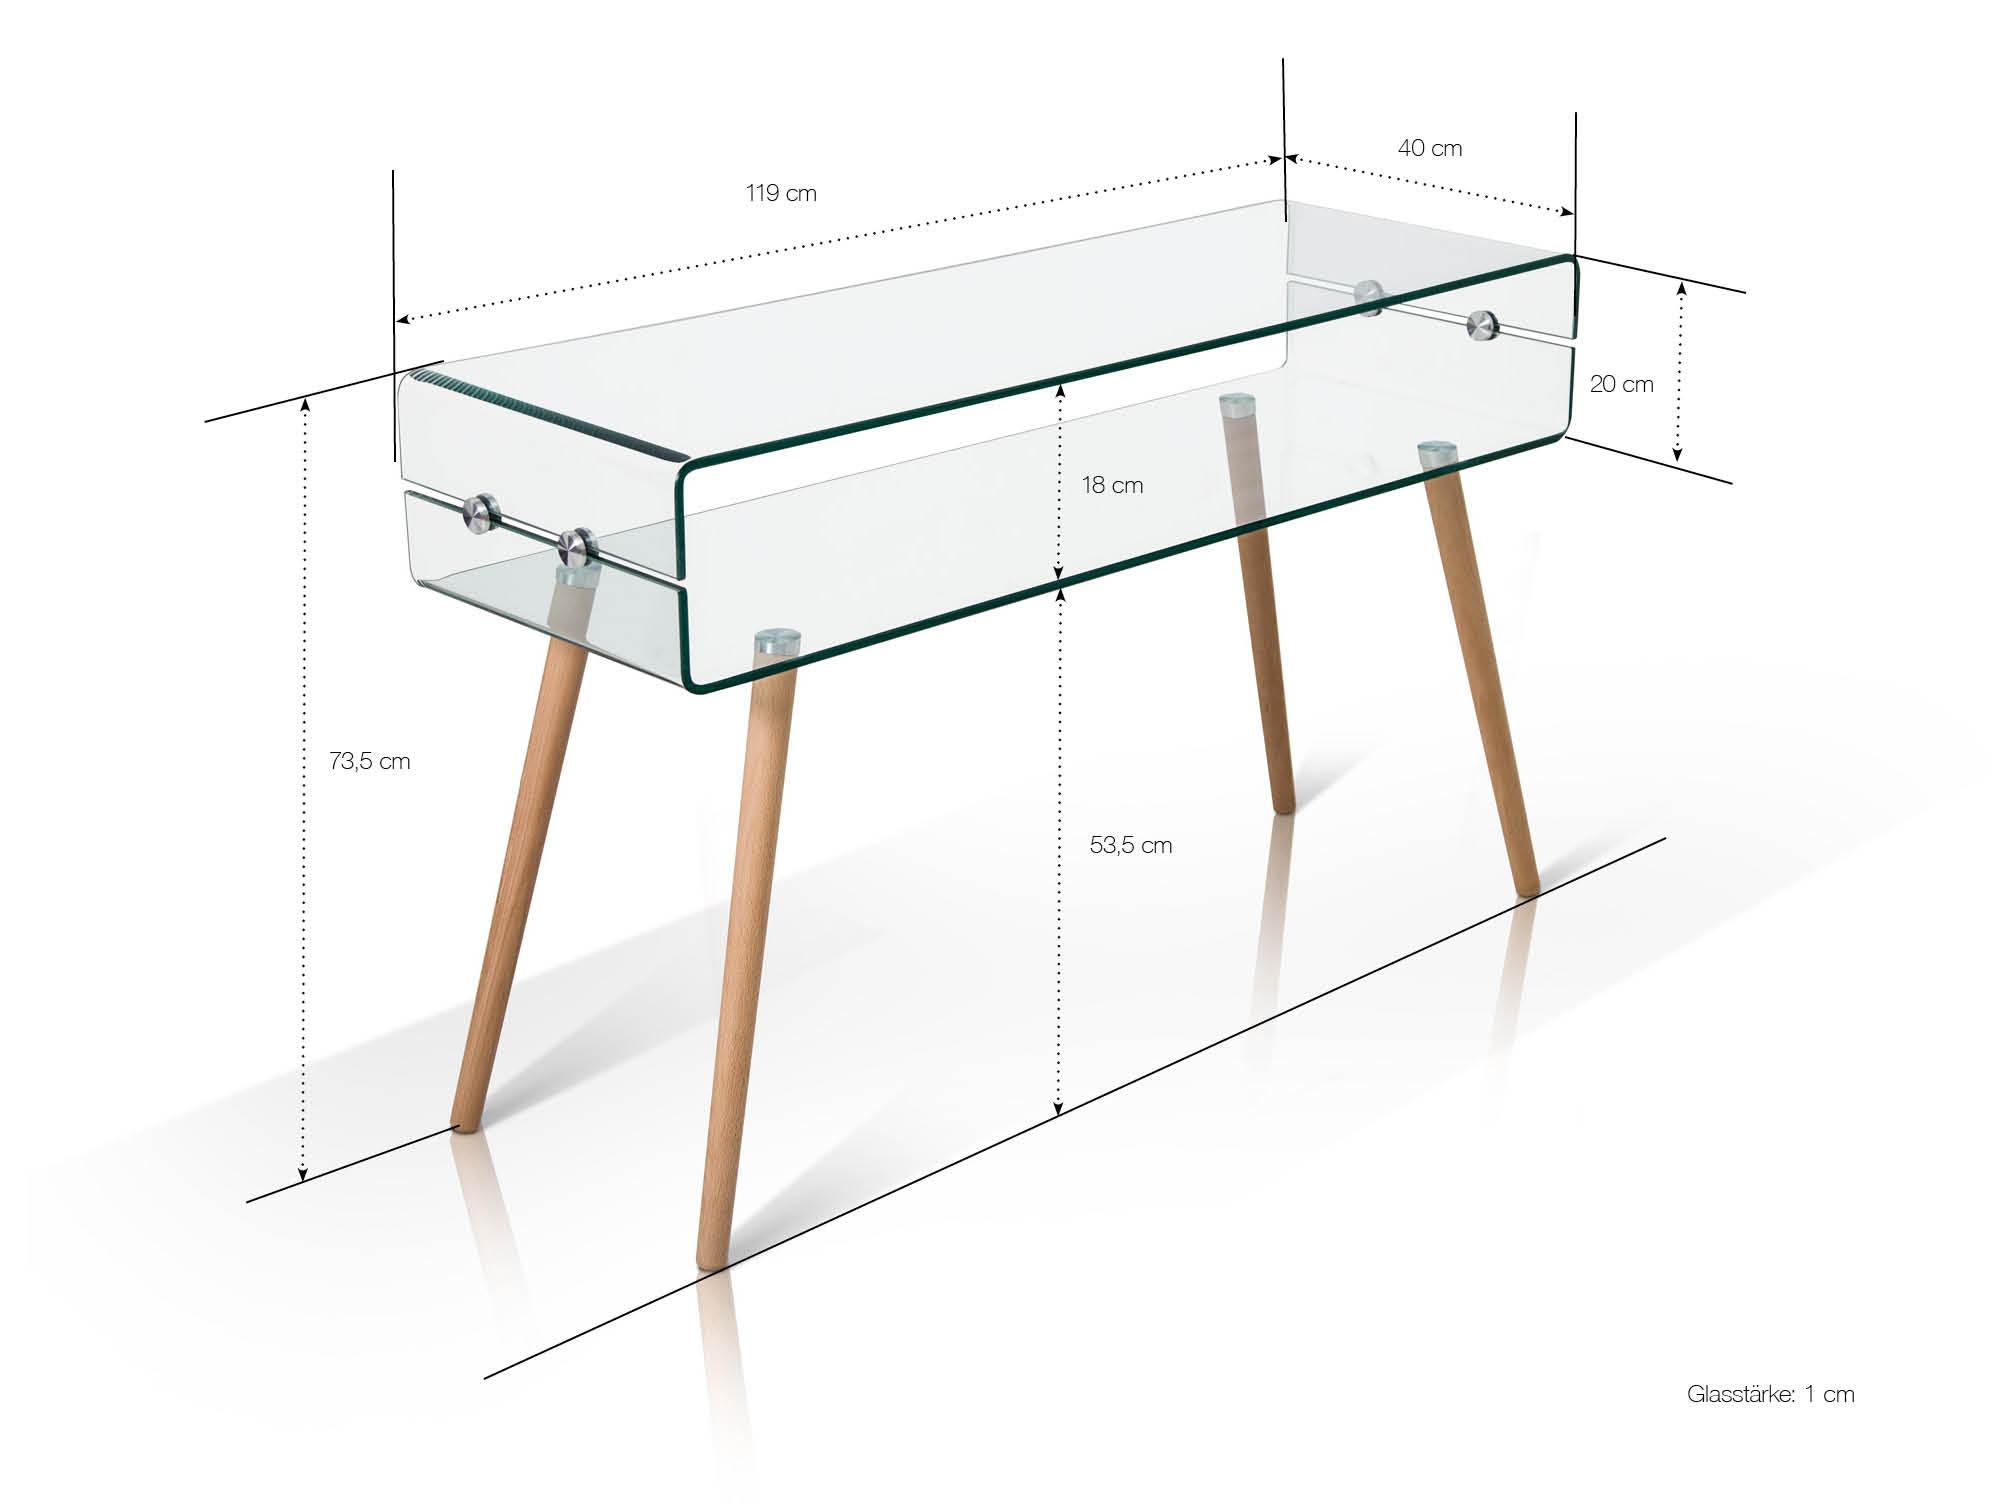 regina beistelltisch glas f e buche. Black Bedroom Furniture Sets. Home Design Ideas